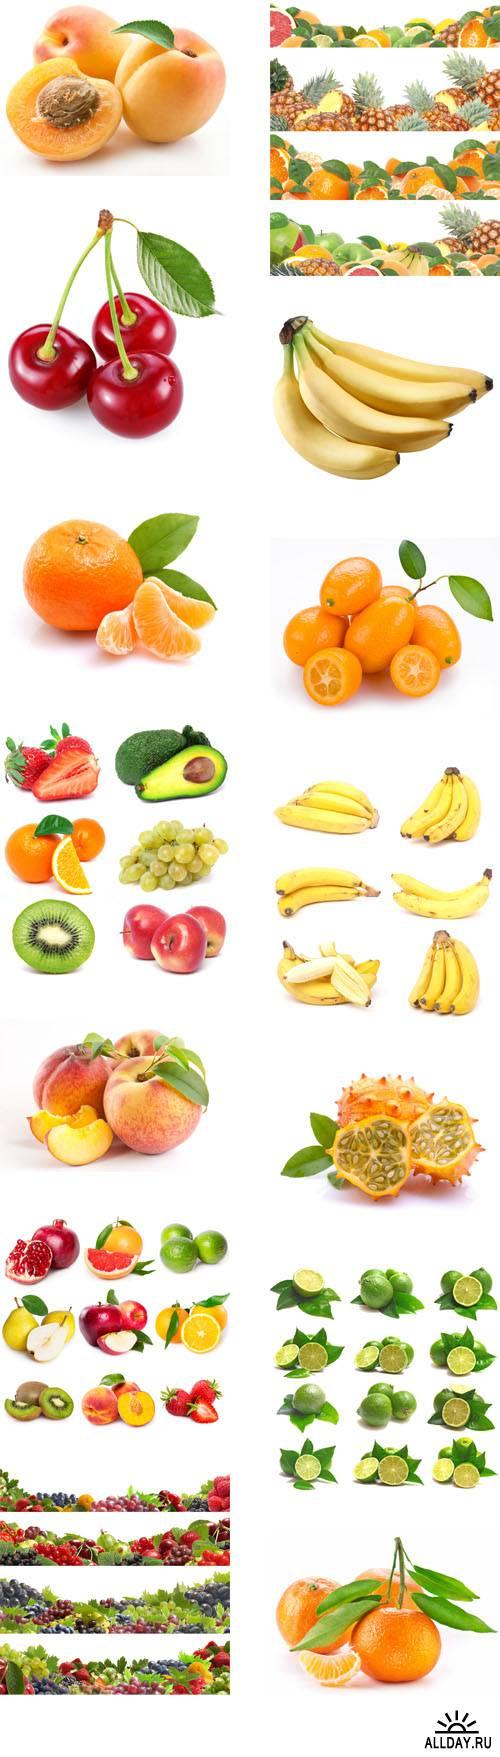 Fresh fruits, vegetables, berries